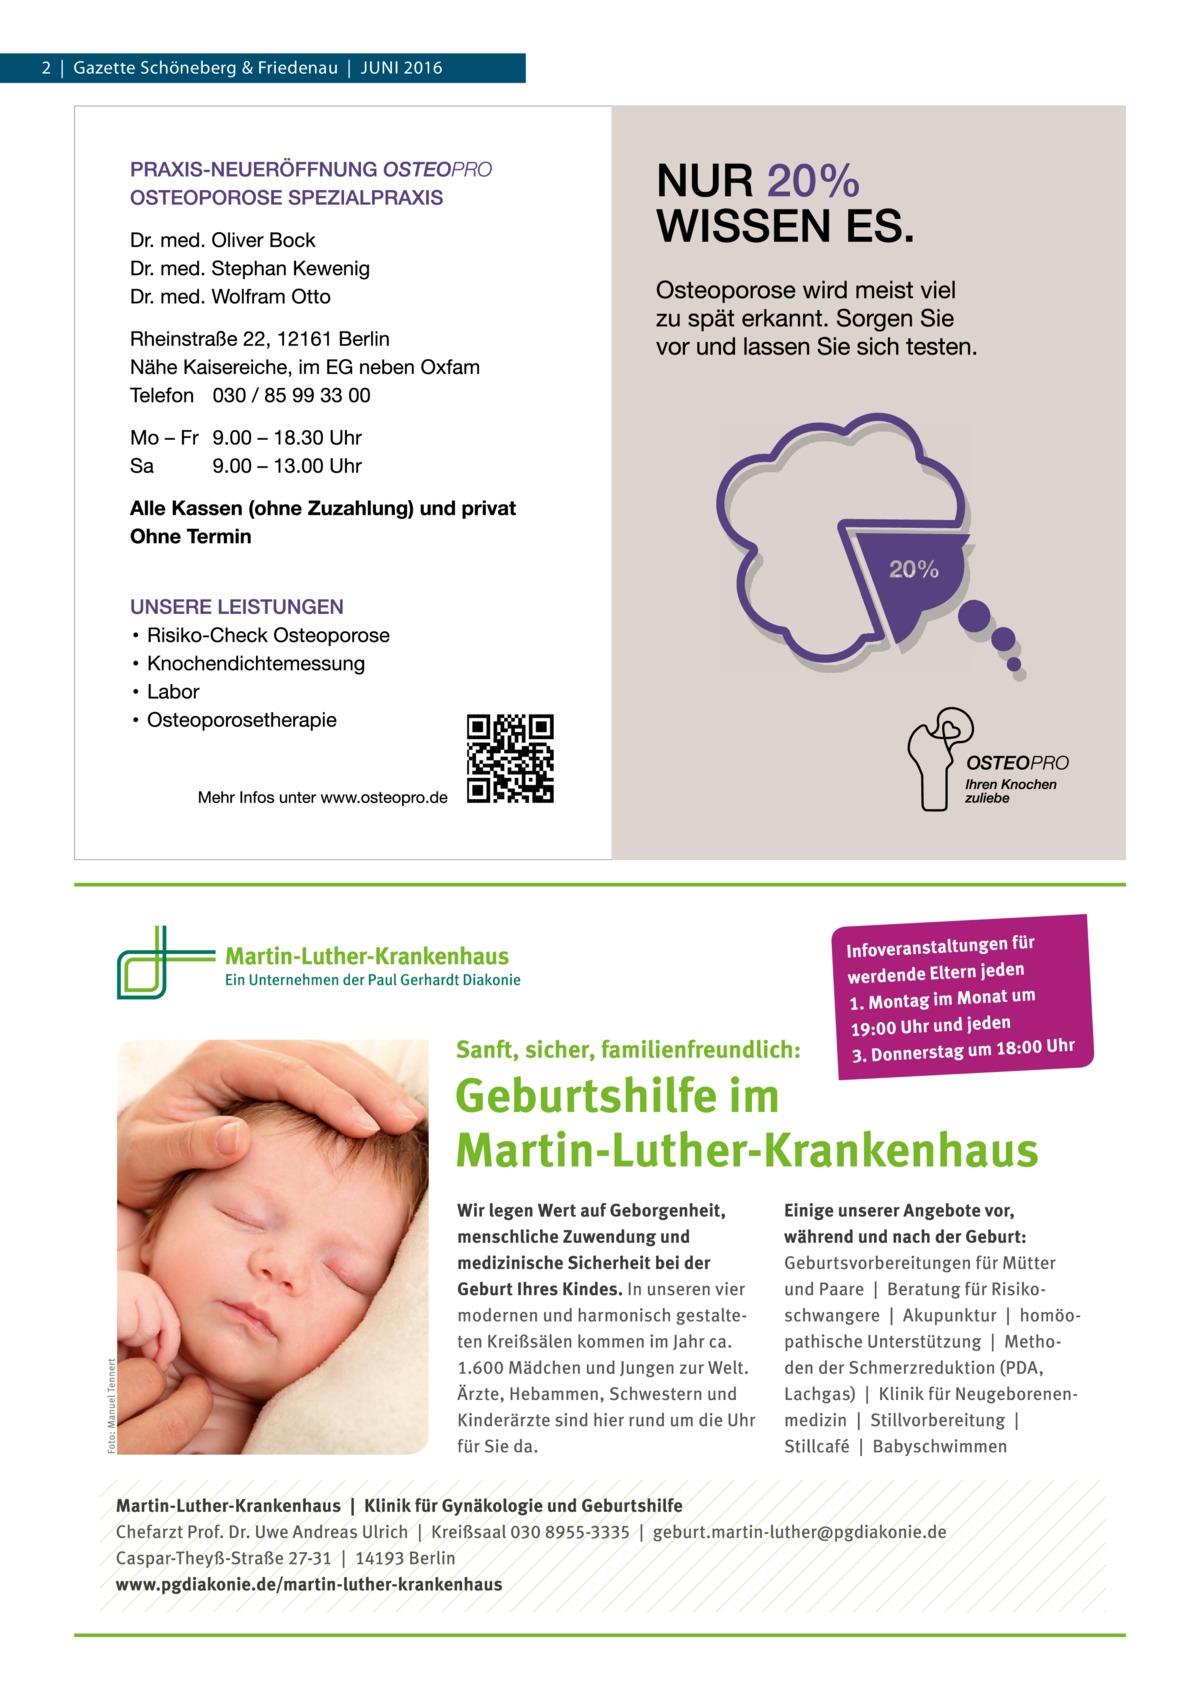 2|Gazette Schöneberg & Friedenau|Juni 2016